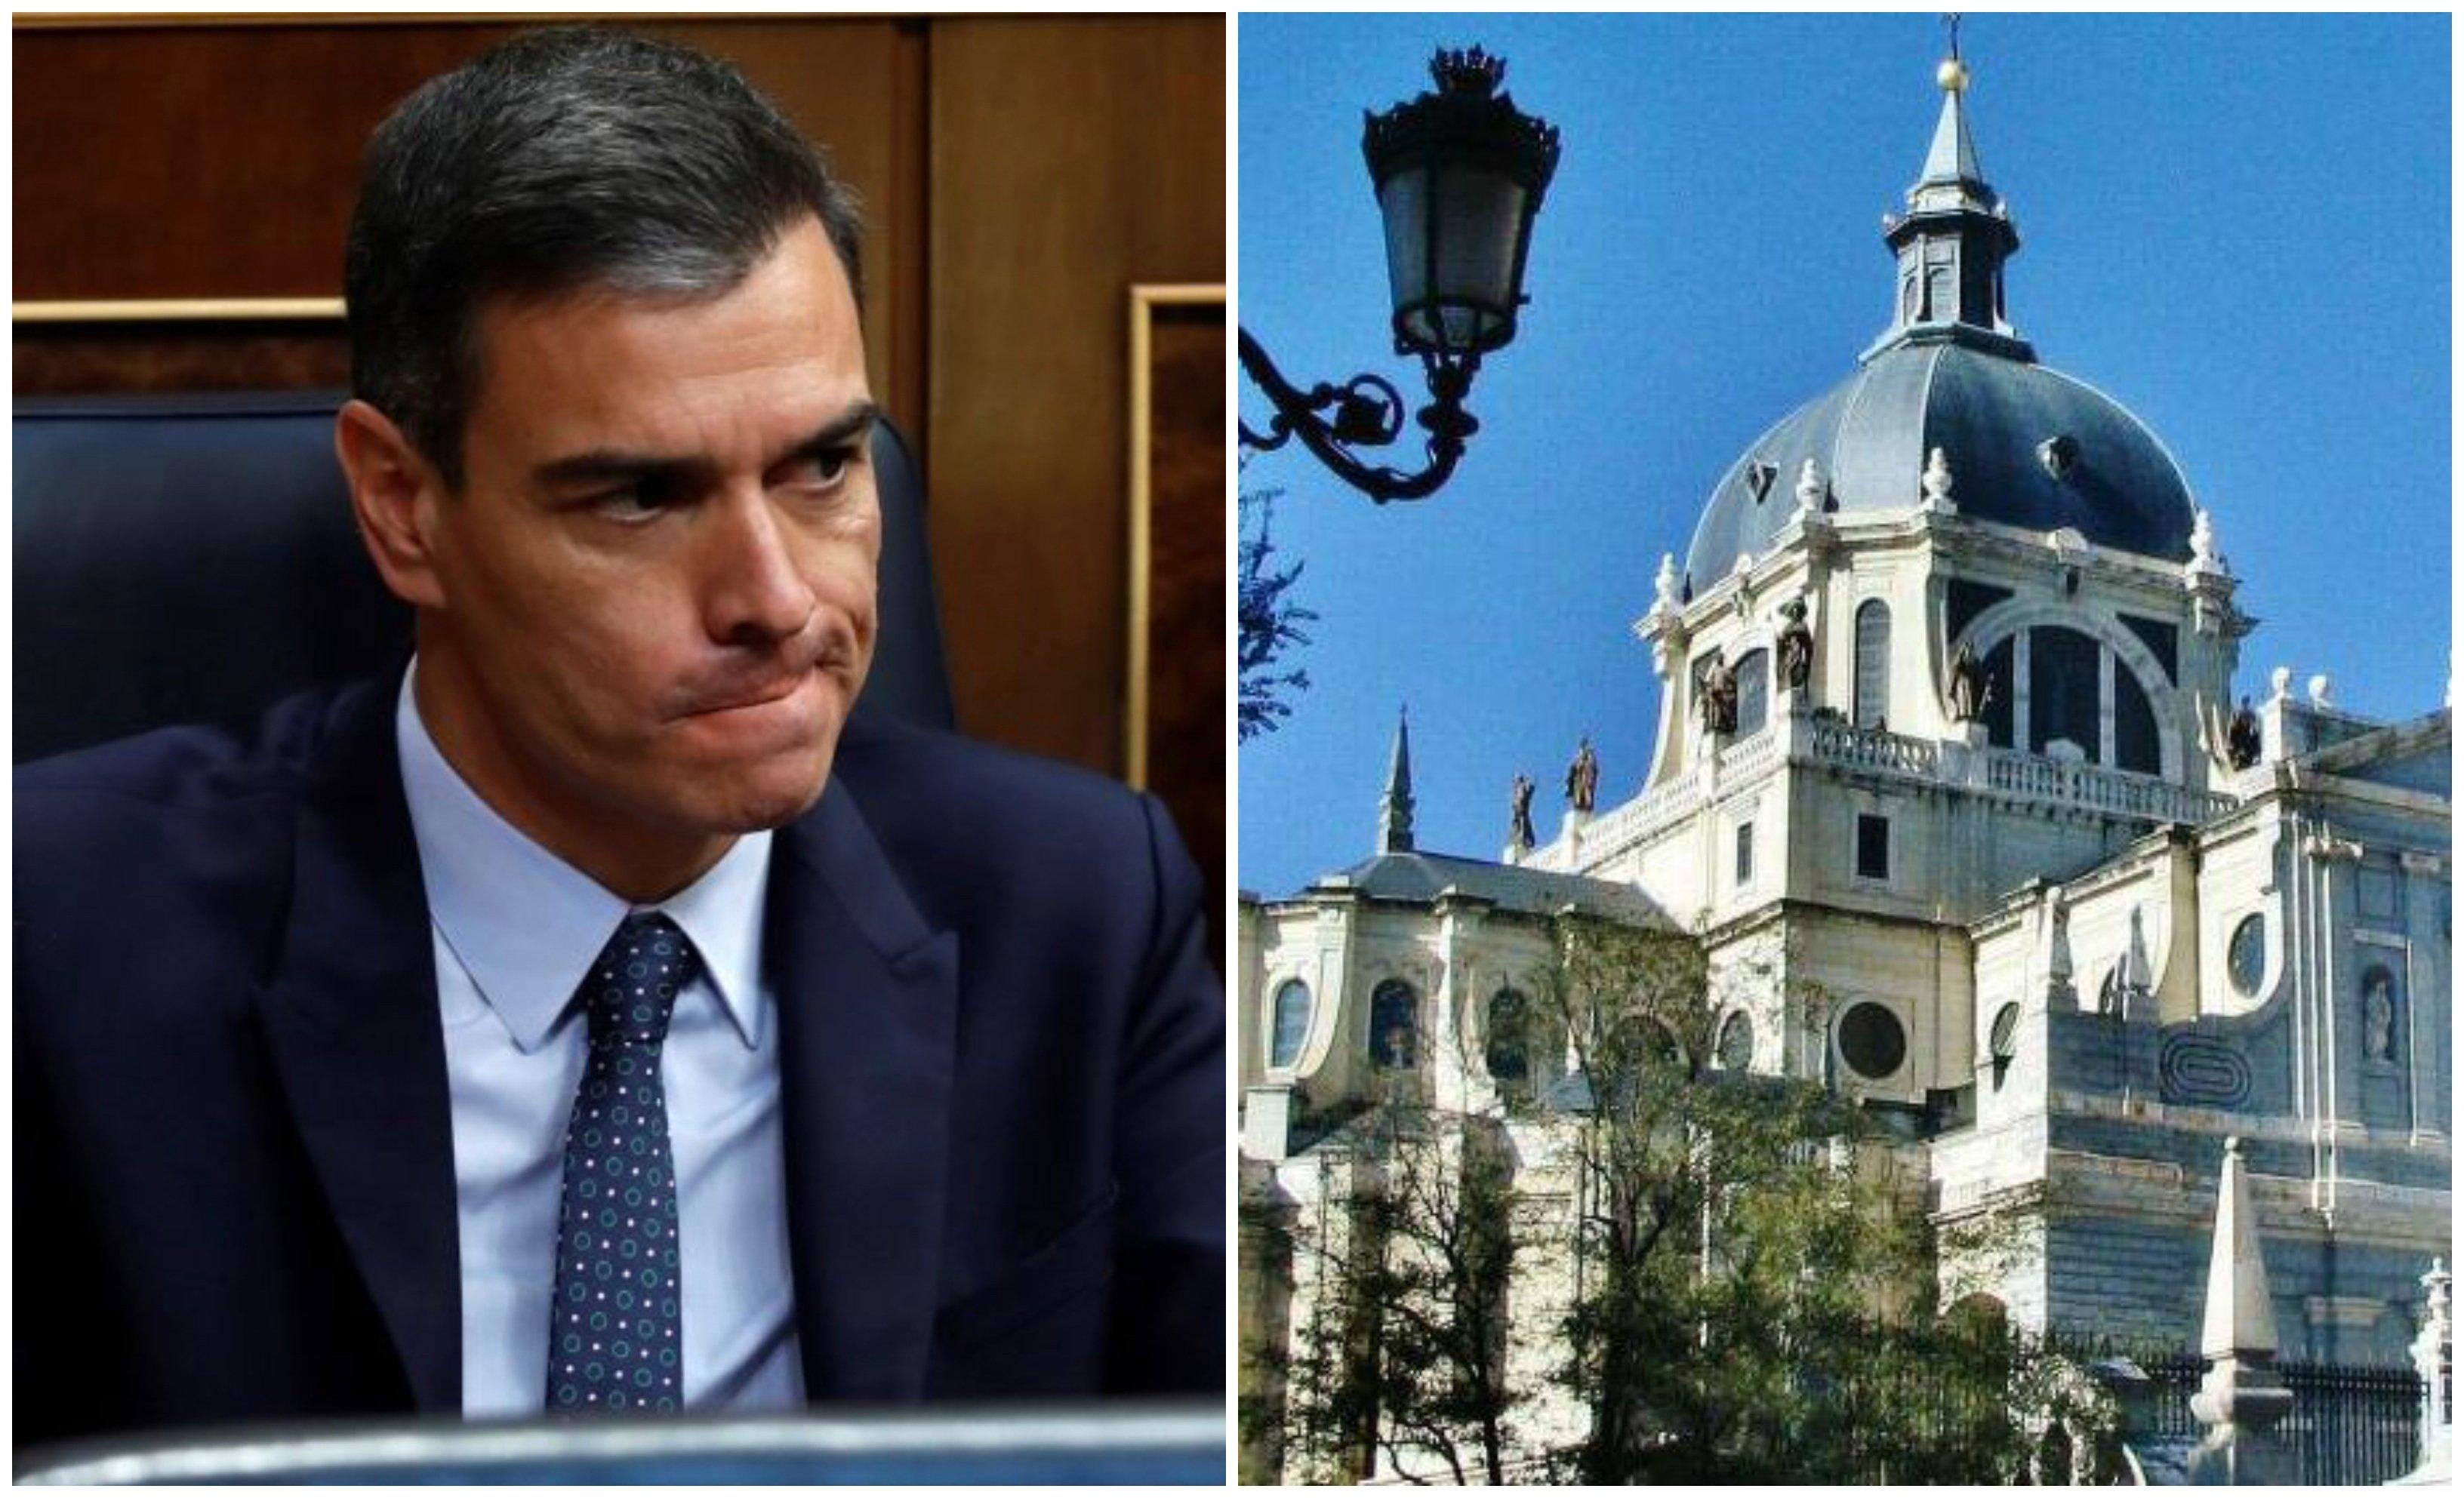 Pedro Sánchez quiere destruir a la Iglesia: arruinándola económicamente y convirtiendo al Estado en Papa. Esto segundo es mucho más peligroso… pero no lo conseguirá